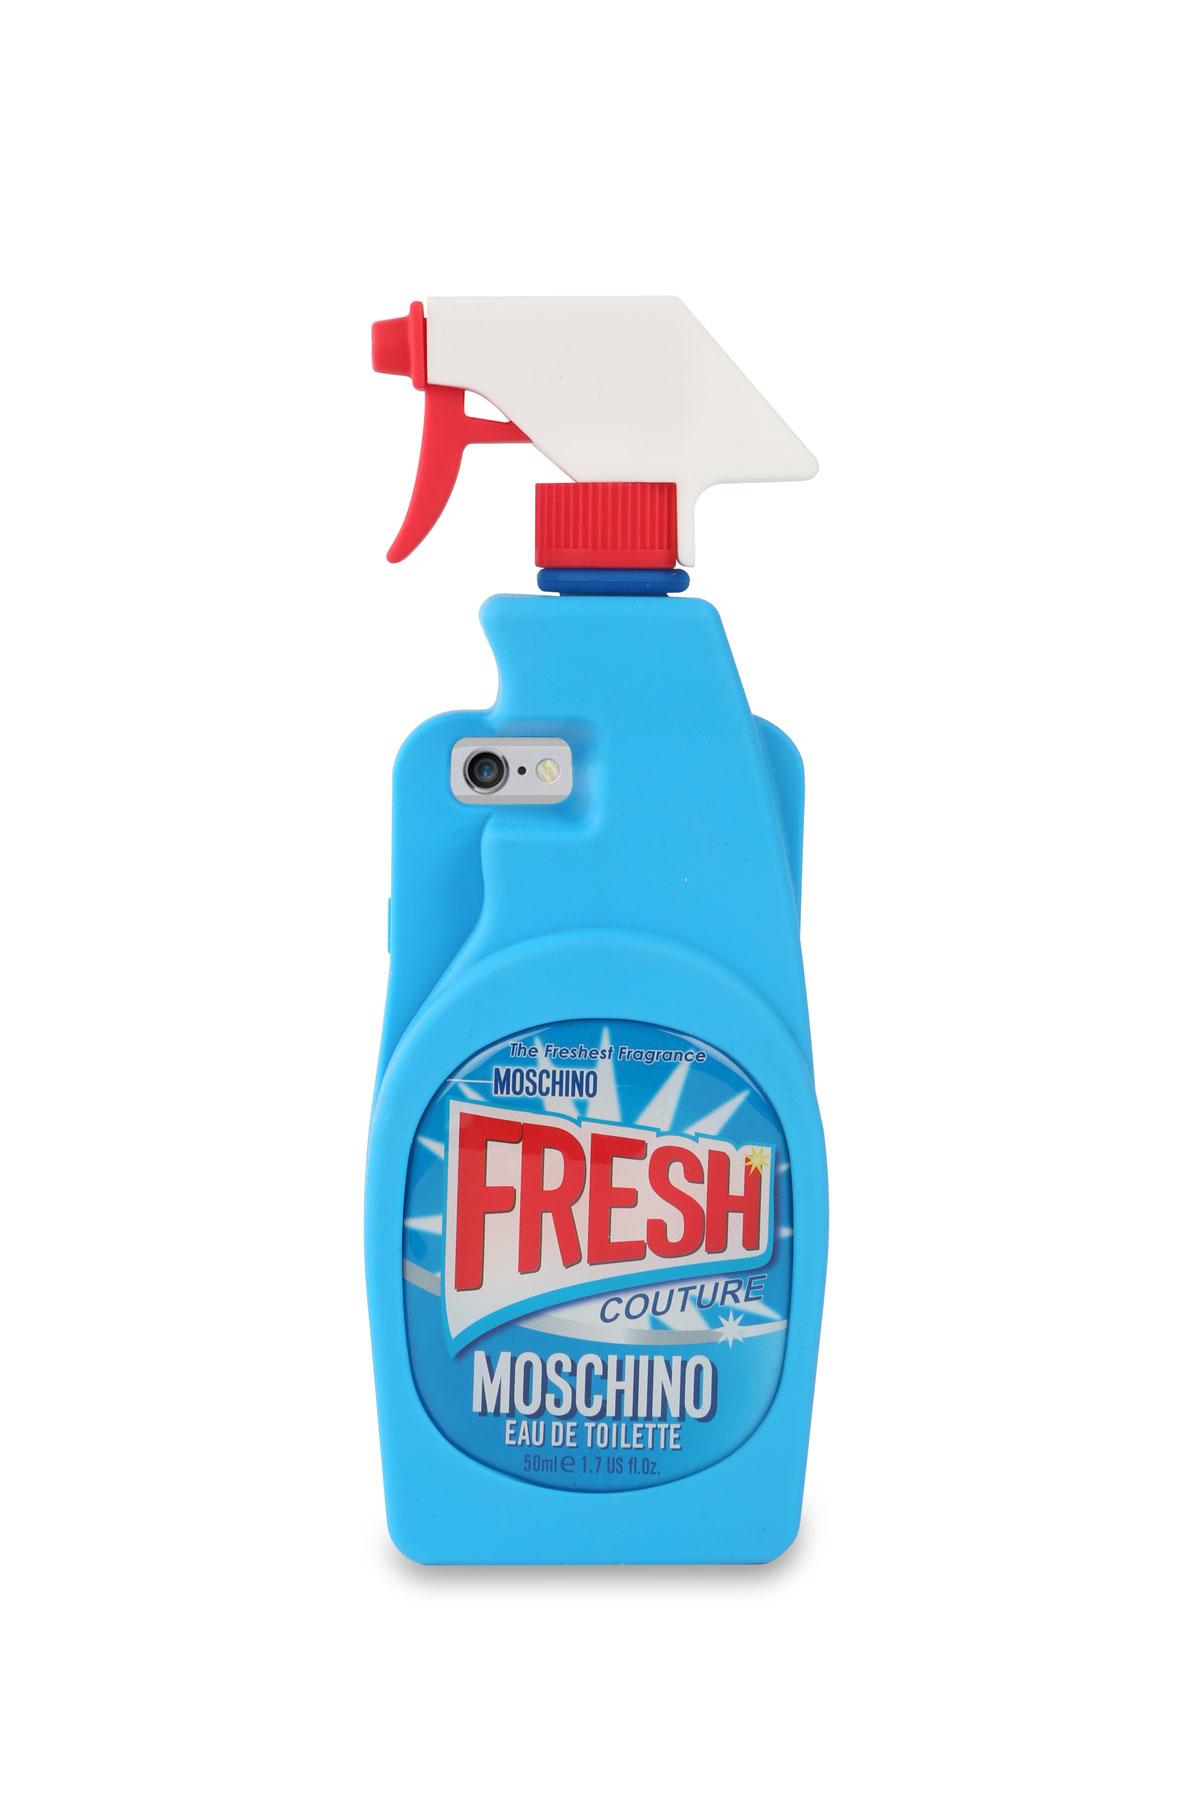 Moschino, colección cápsula Fresh. Carcasa para móvil.